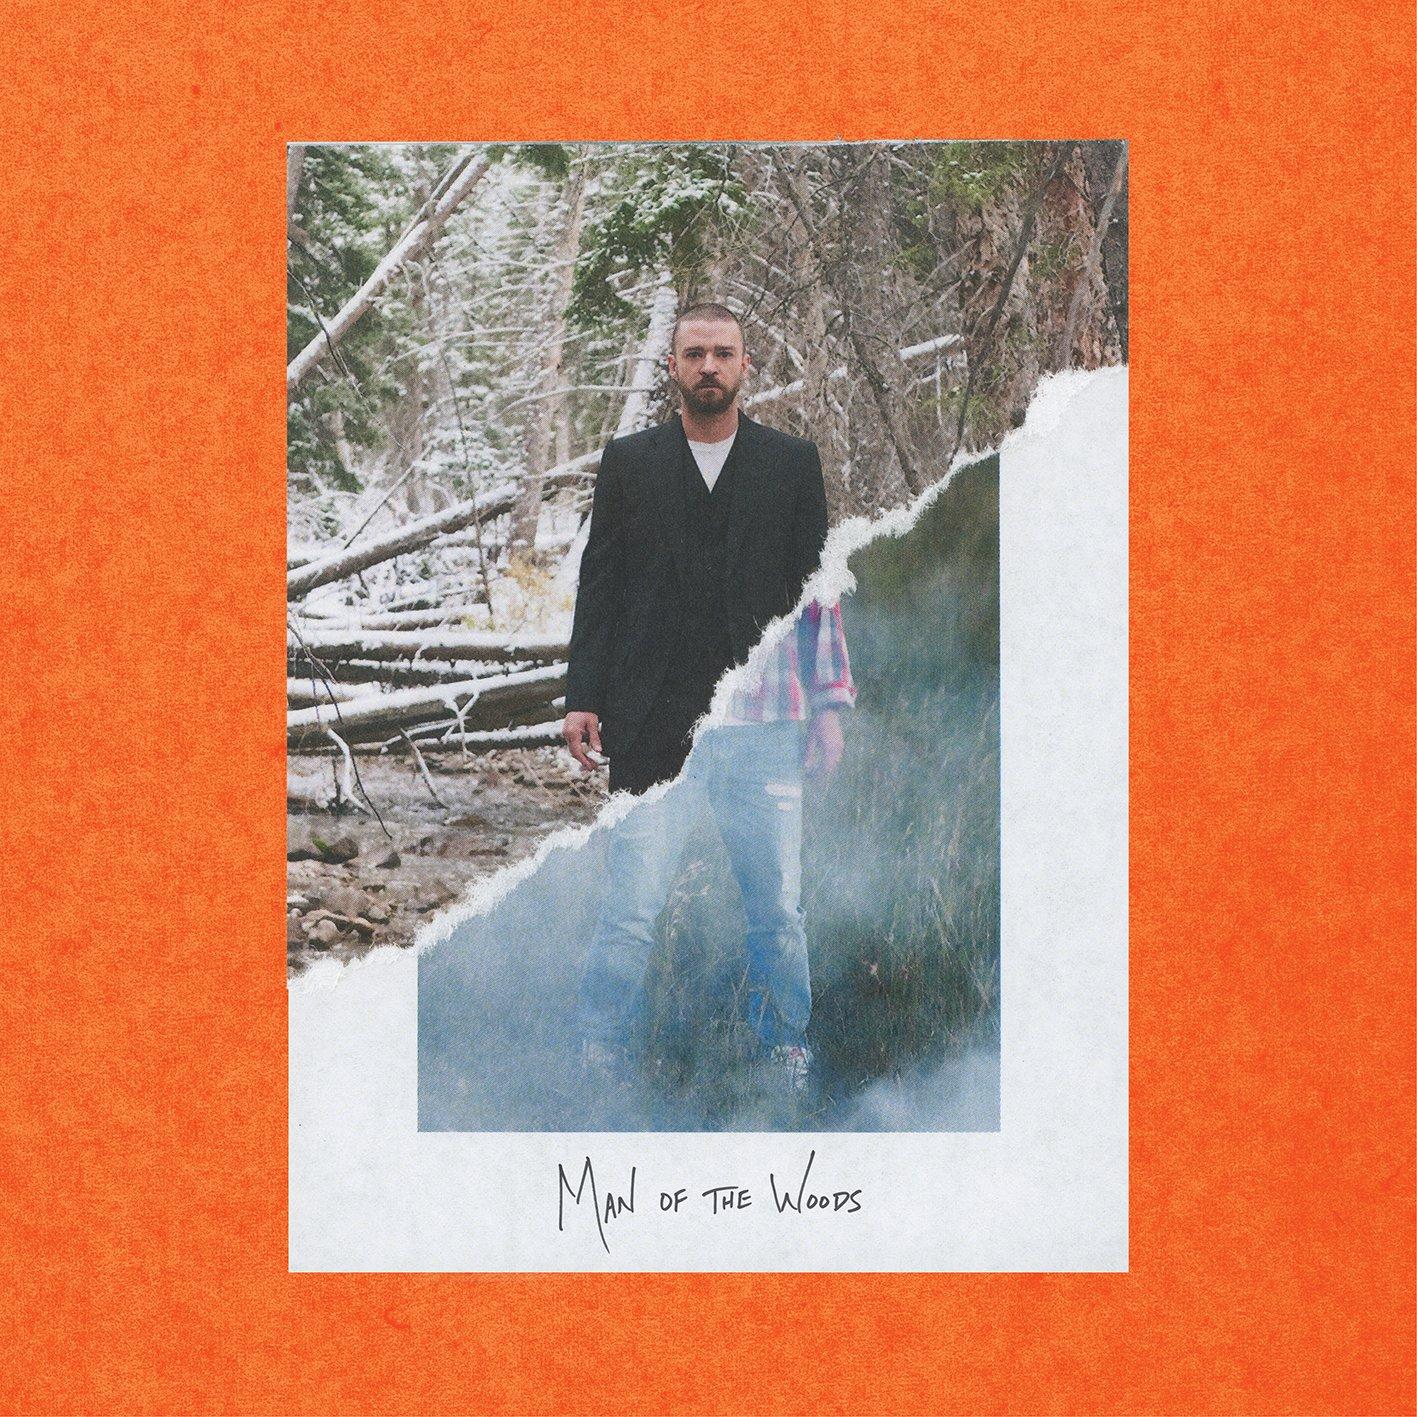 Resultado de imagem para justin timberlake man of the woods cover